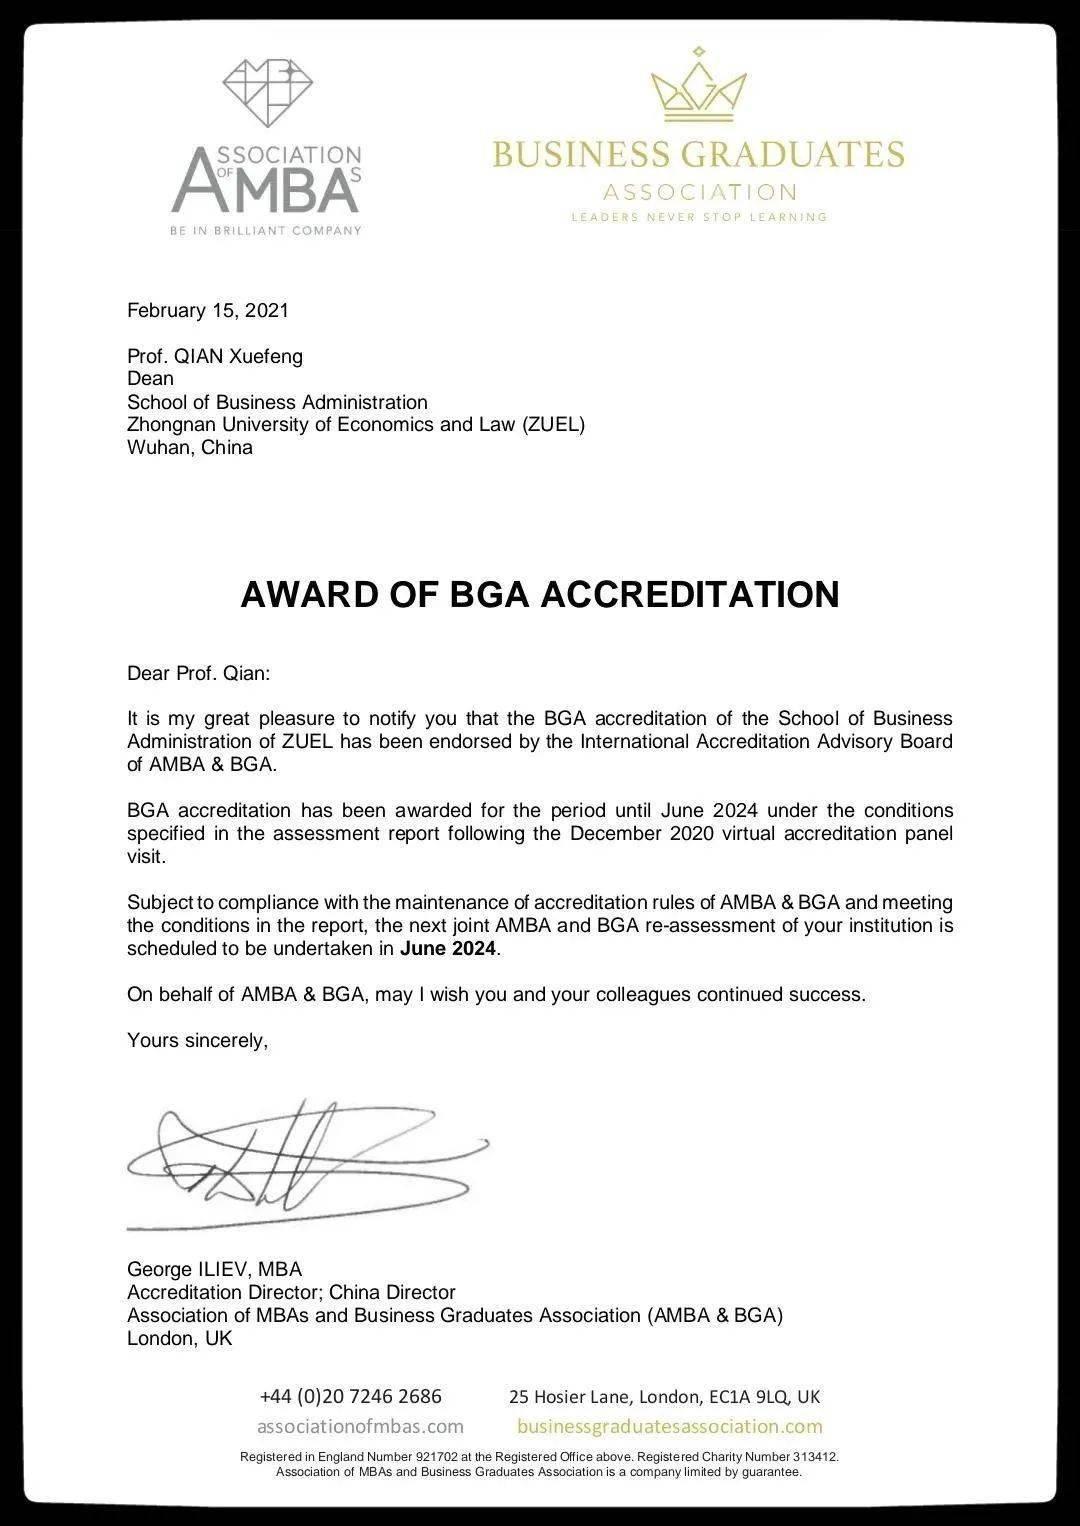 国内第一!我们工商管理学院单独通过了BGA国际认证